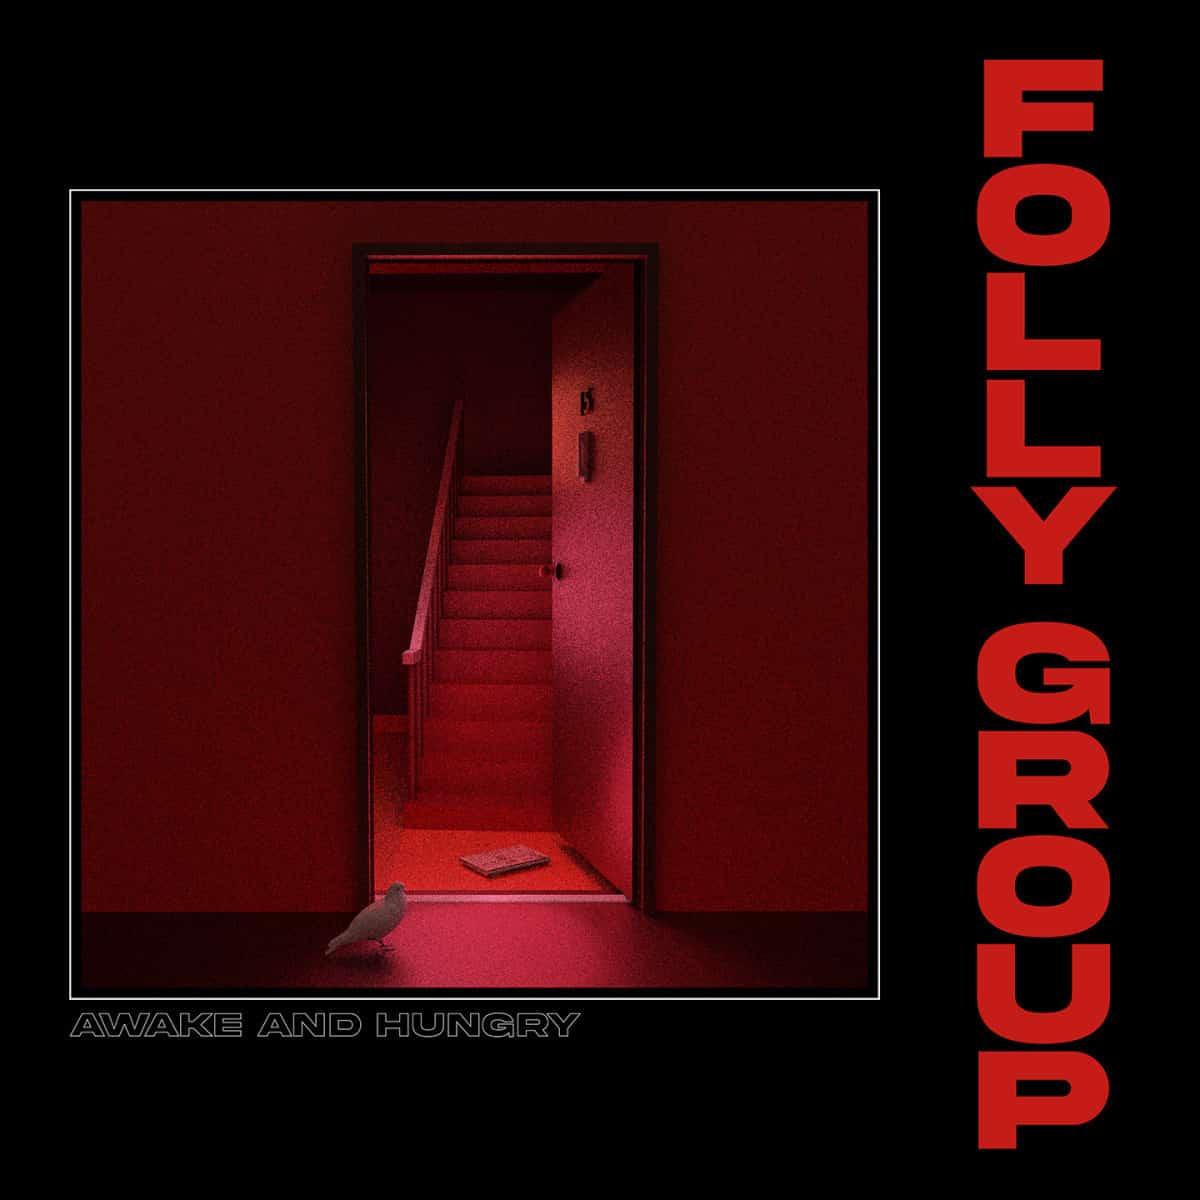 Folly Group - Awake And Hungry EP